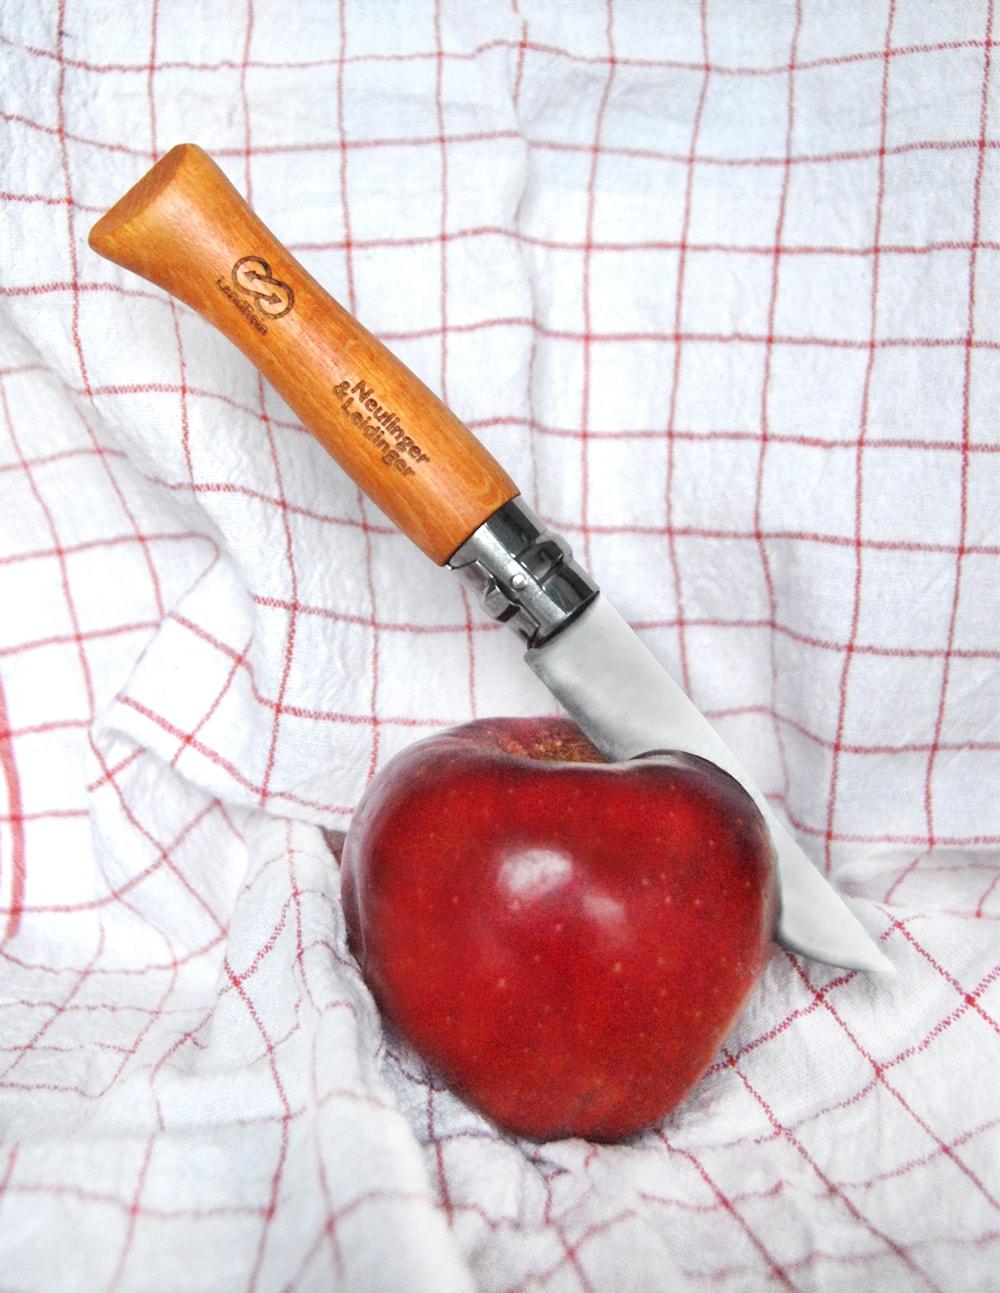 Messer mit gelasertem Holzgriff steckt in Apfel